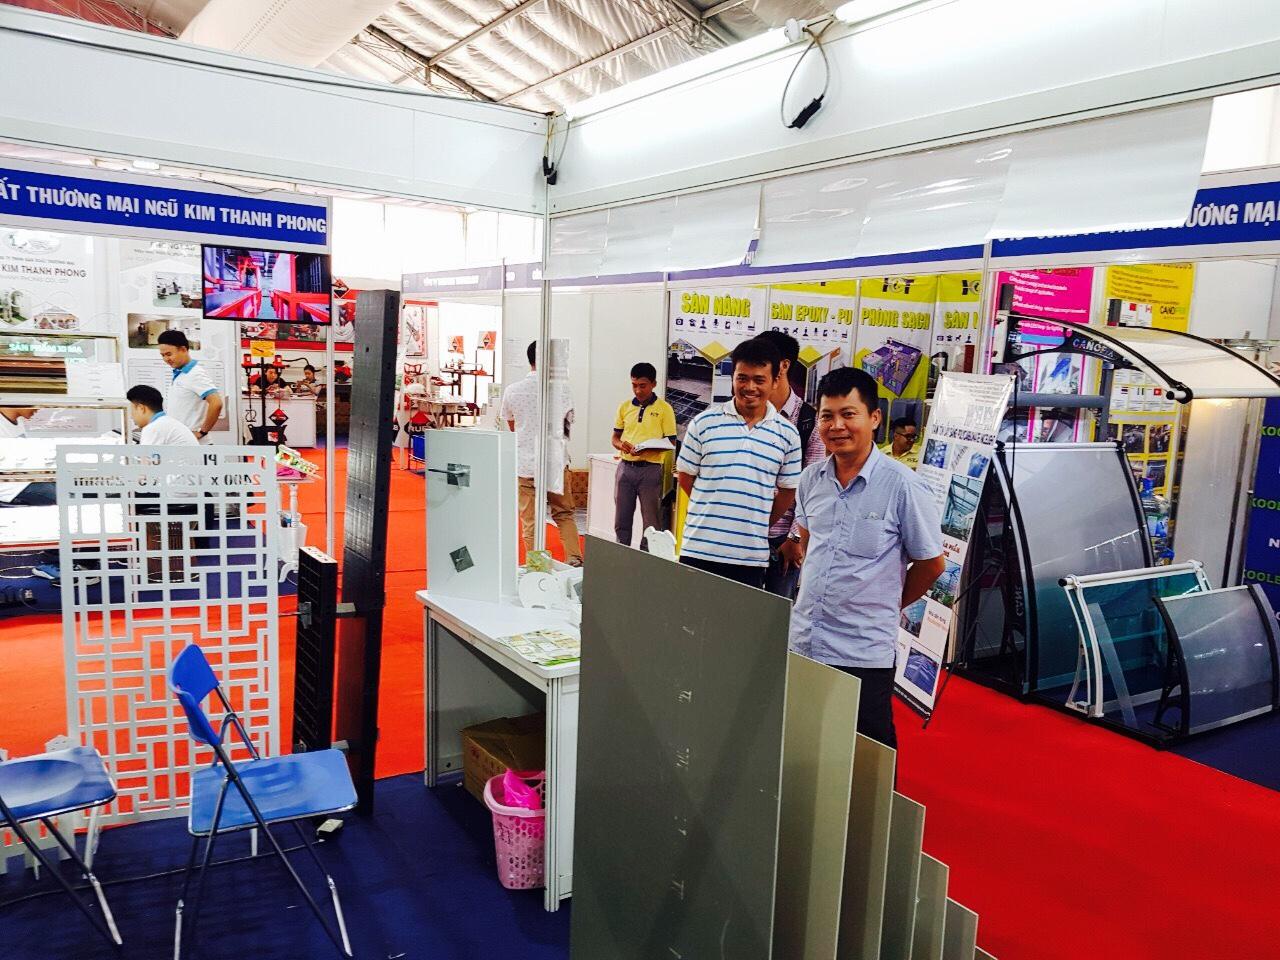 Hội chợ VIETBUILD ngày 3 - tấm ván nhựa Pima